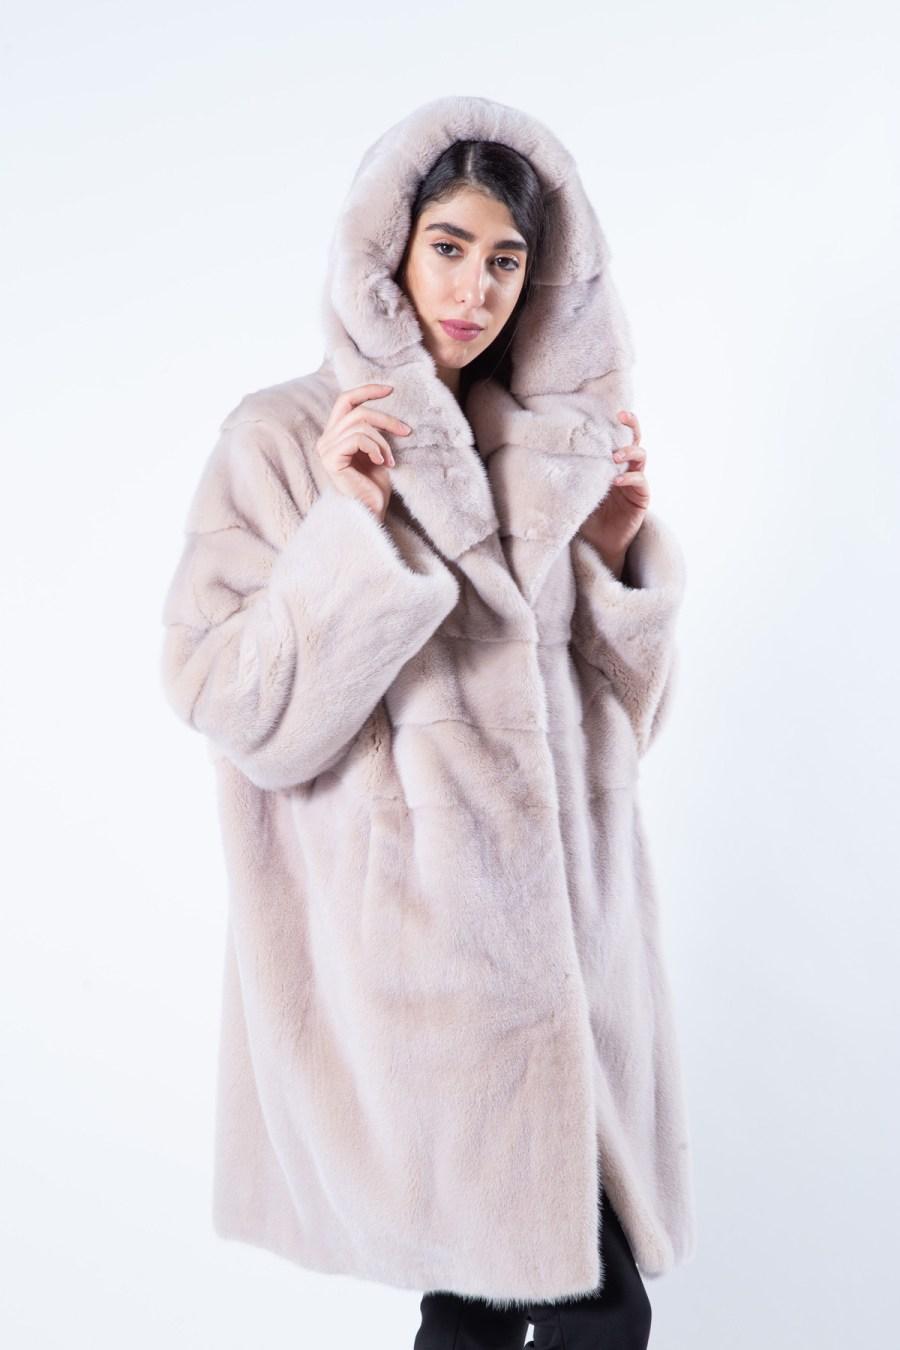 Ivory Mink Fur Jacket | Пальто из меха норки цвета «слоновая кость» - Sarigianni Furs